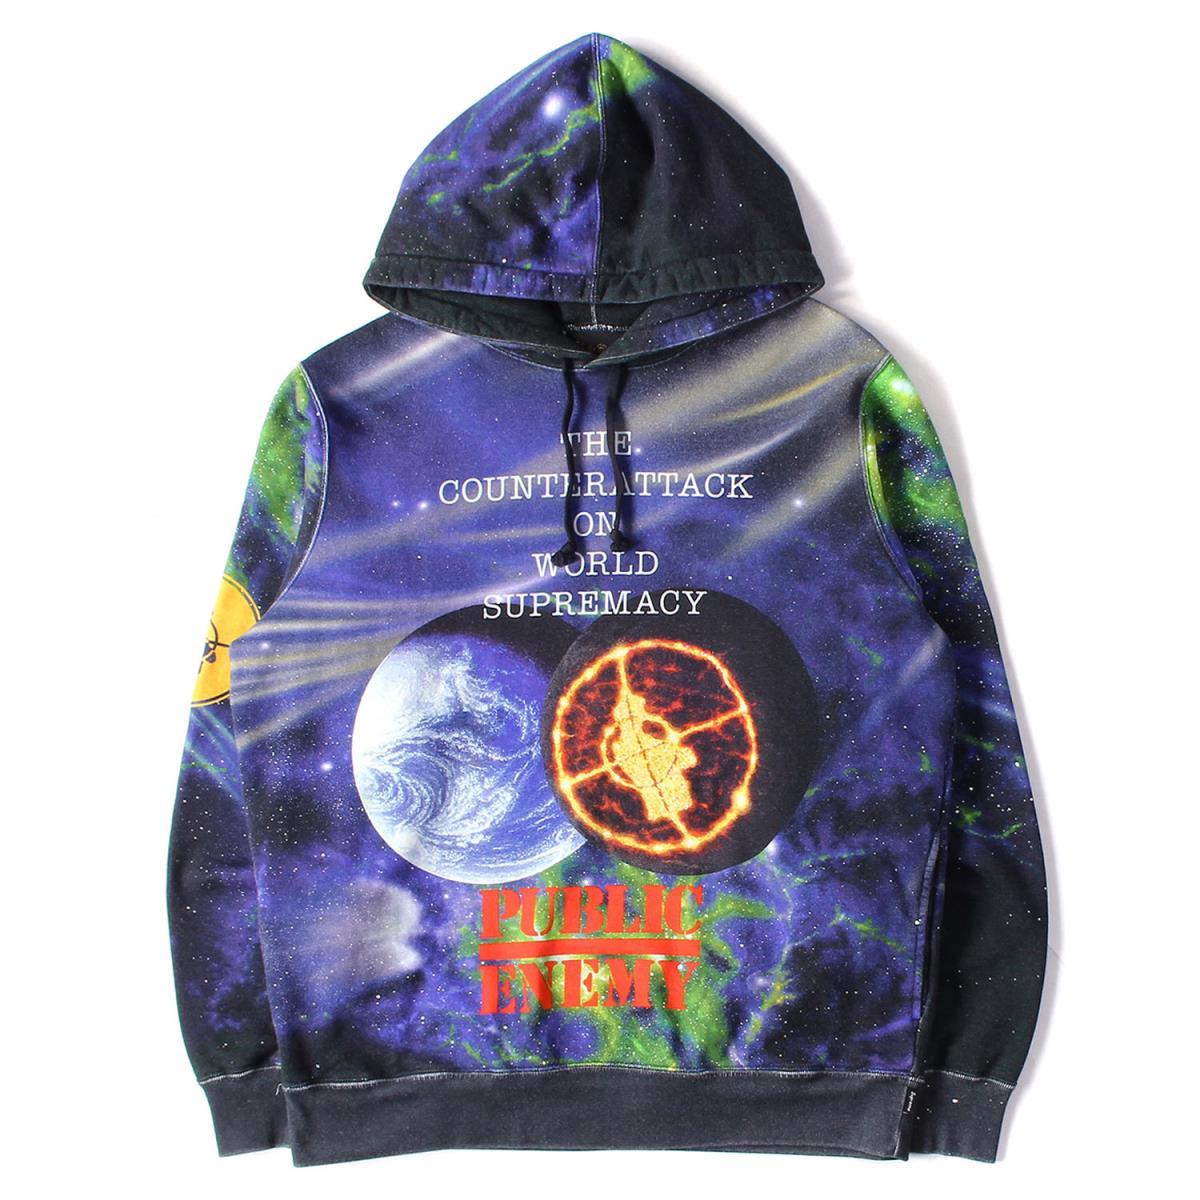 Supreme シュプリーム パーカー 18SS × UNDERCOVER × PUBLIC ENEMY スウェット パーカー Hooded Sweatshirt ブラック M 【メンズ】【中古】【美品】【K2494】